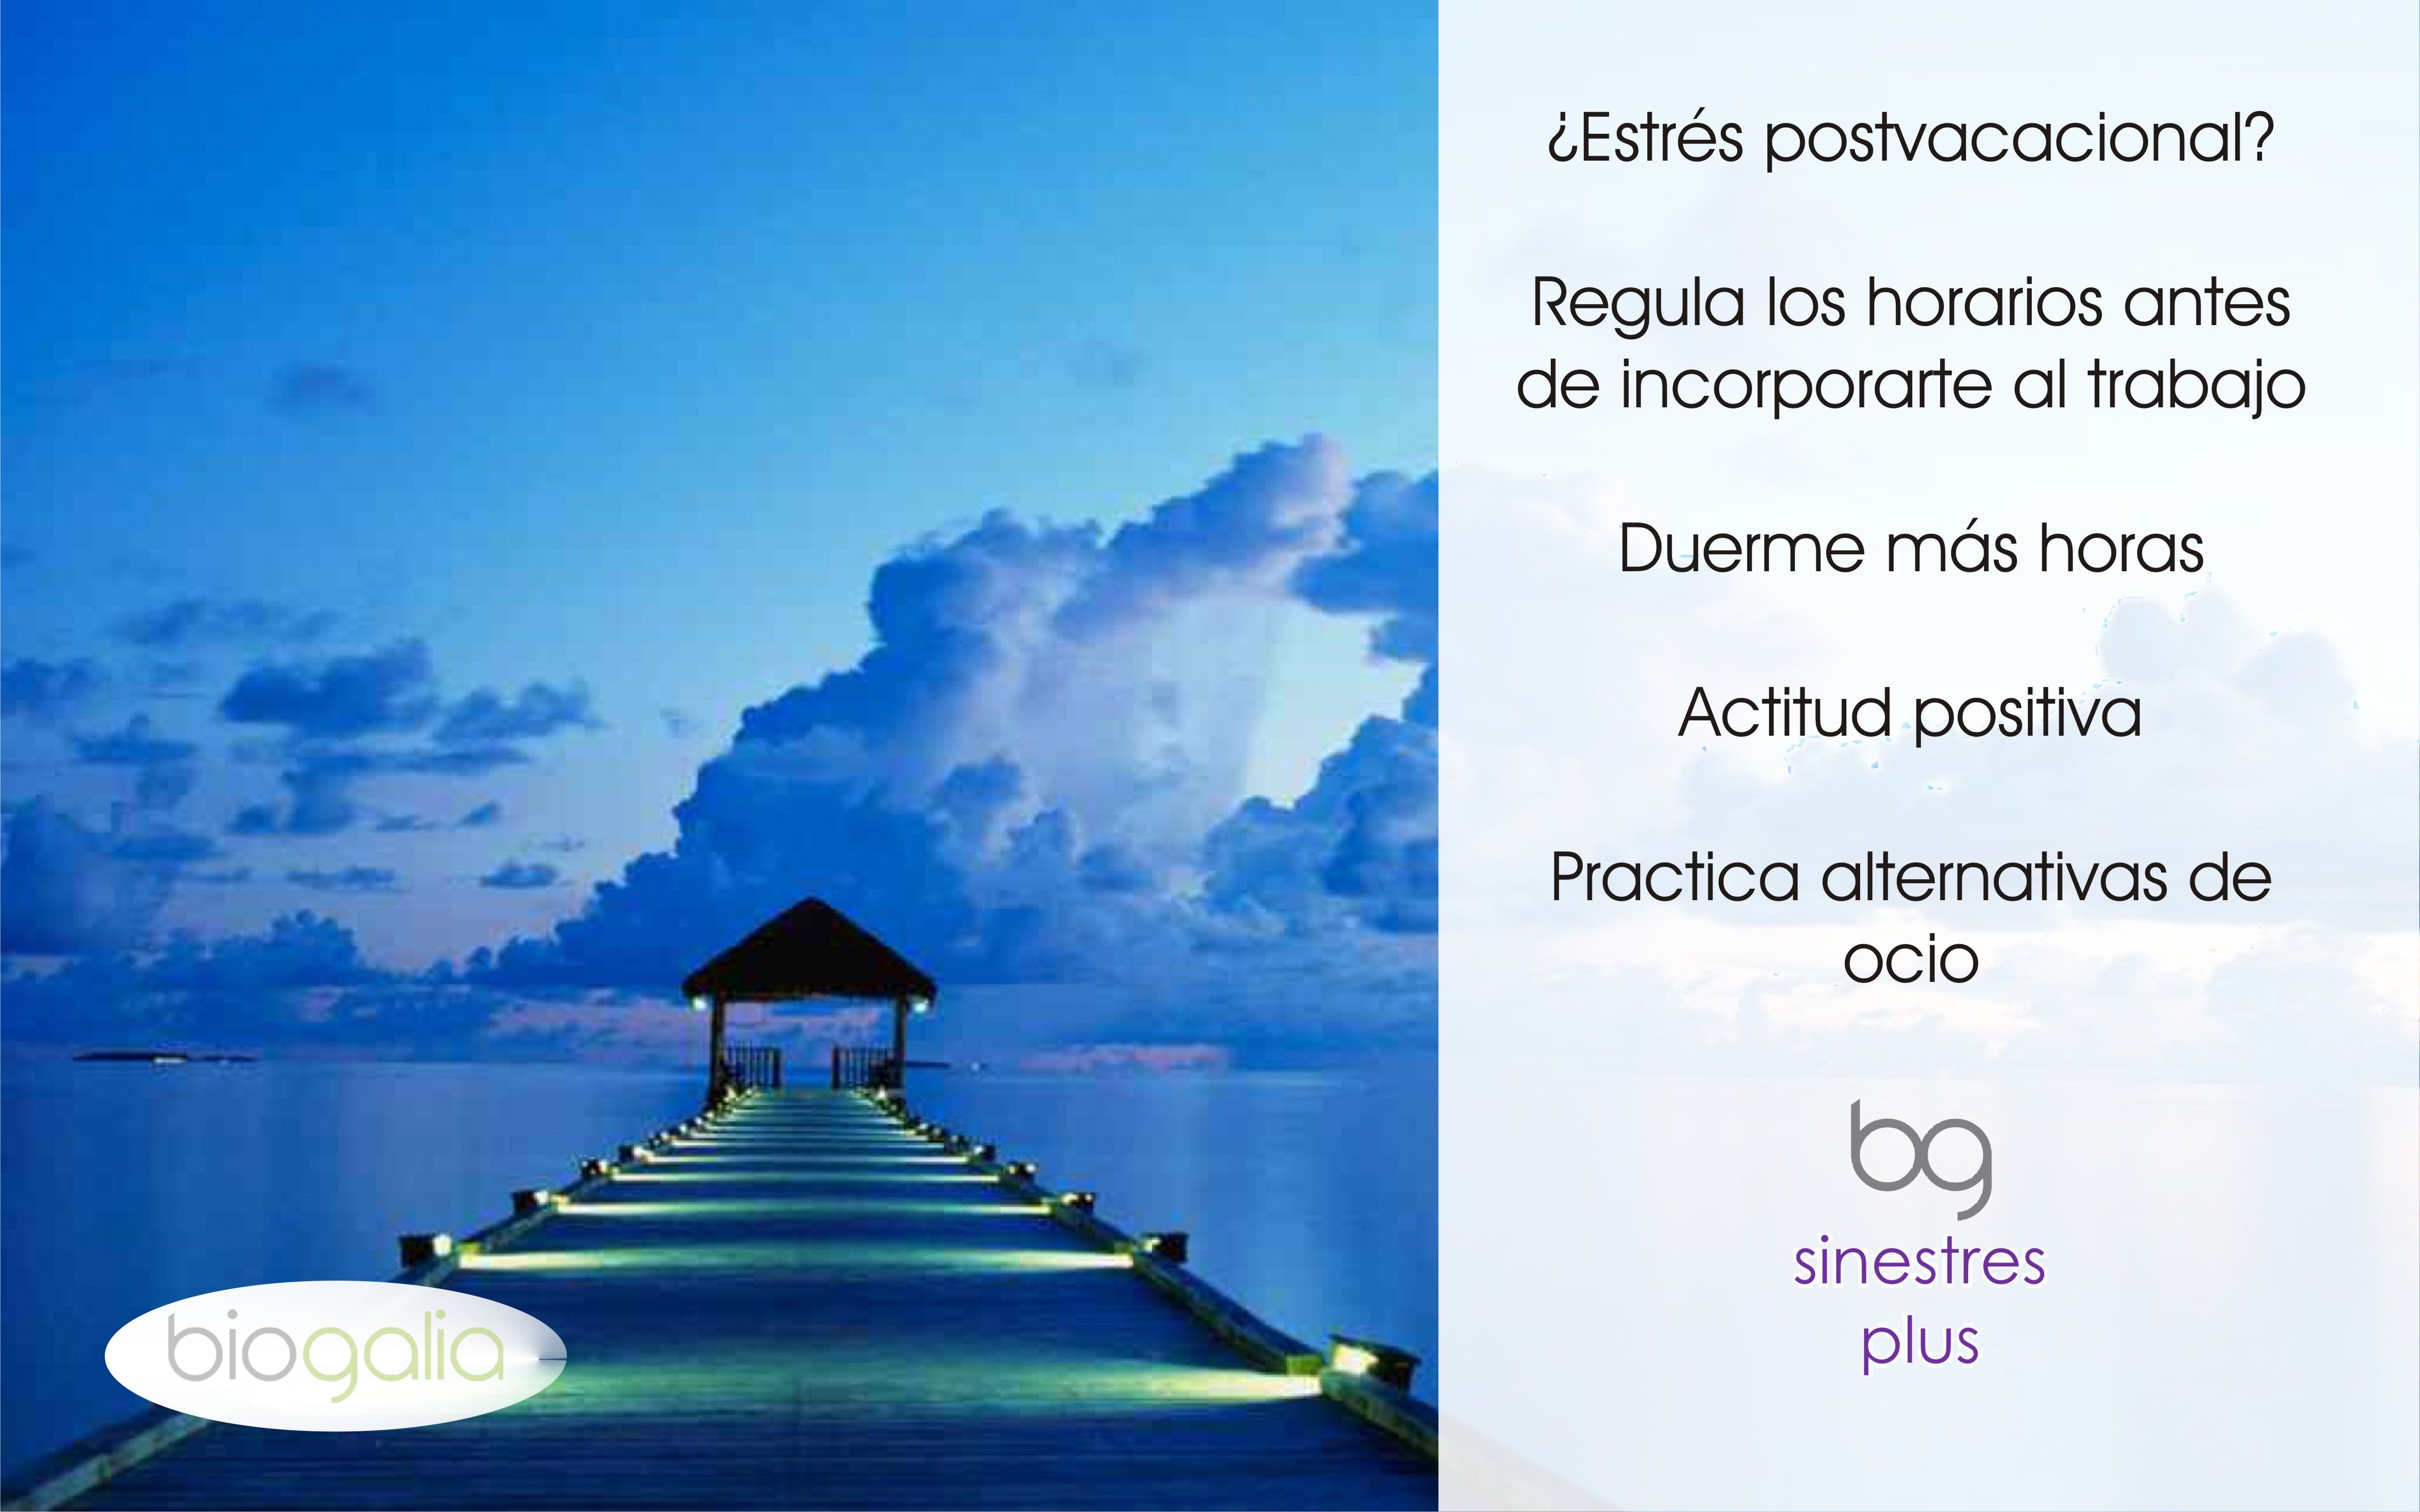 Consejos para sobrellevar el #estrés #postvacacional. http://bit.ly/1n9ITH2